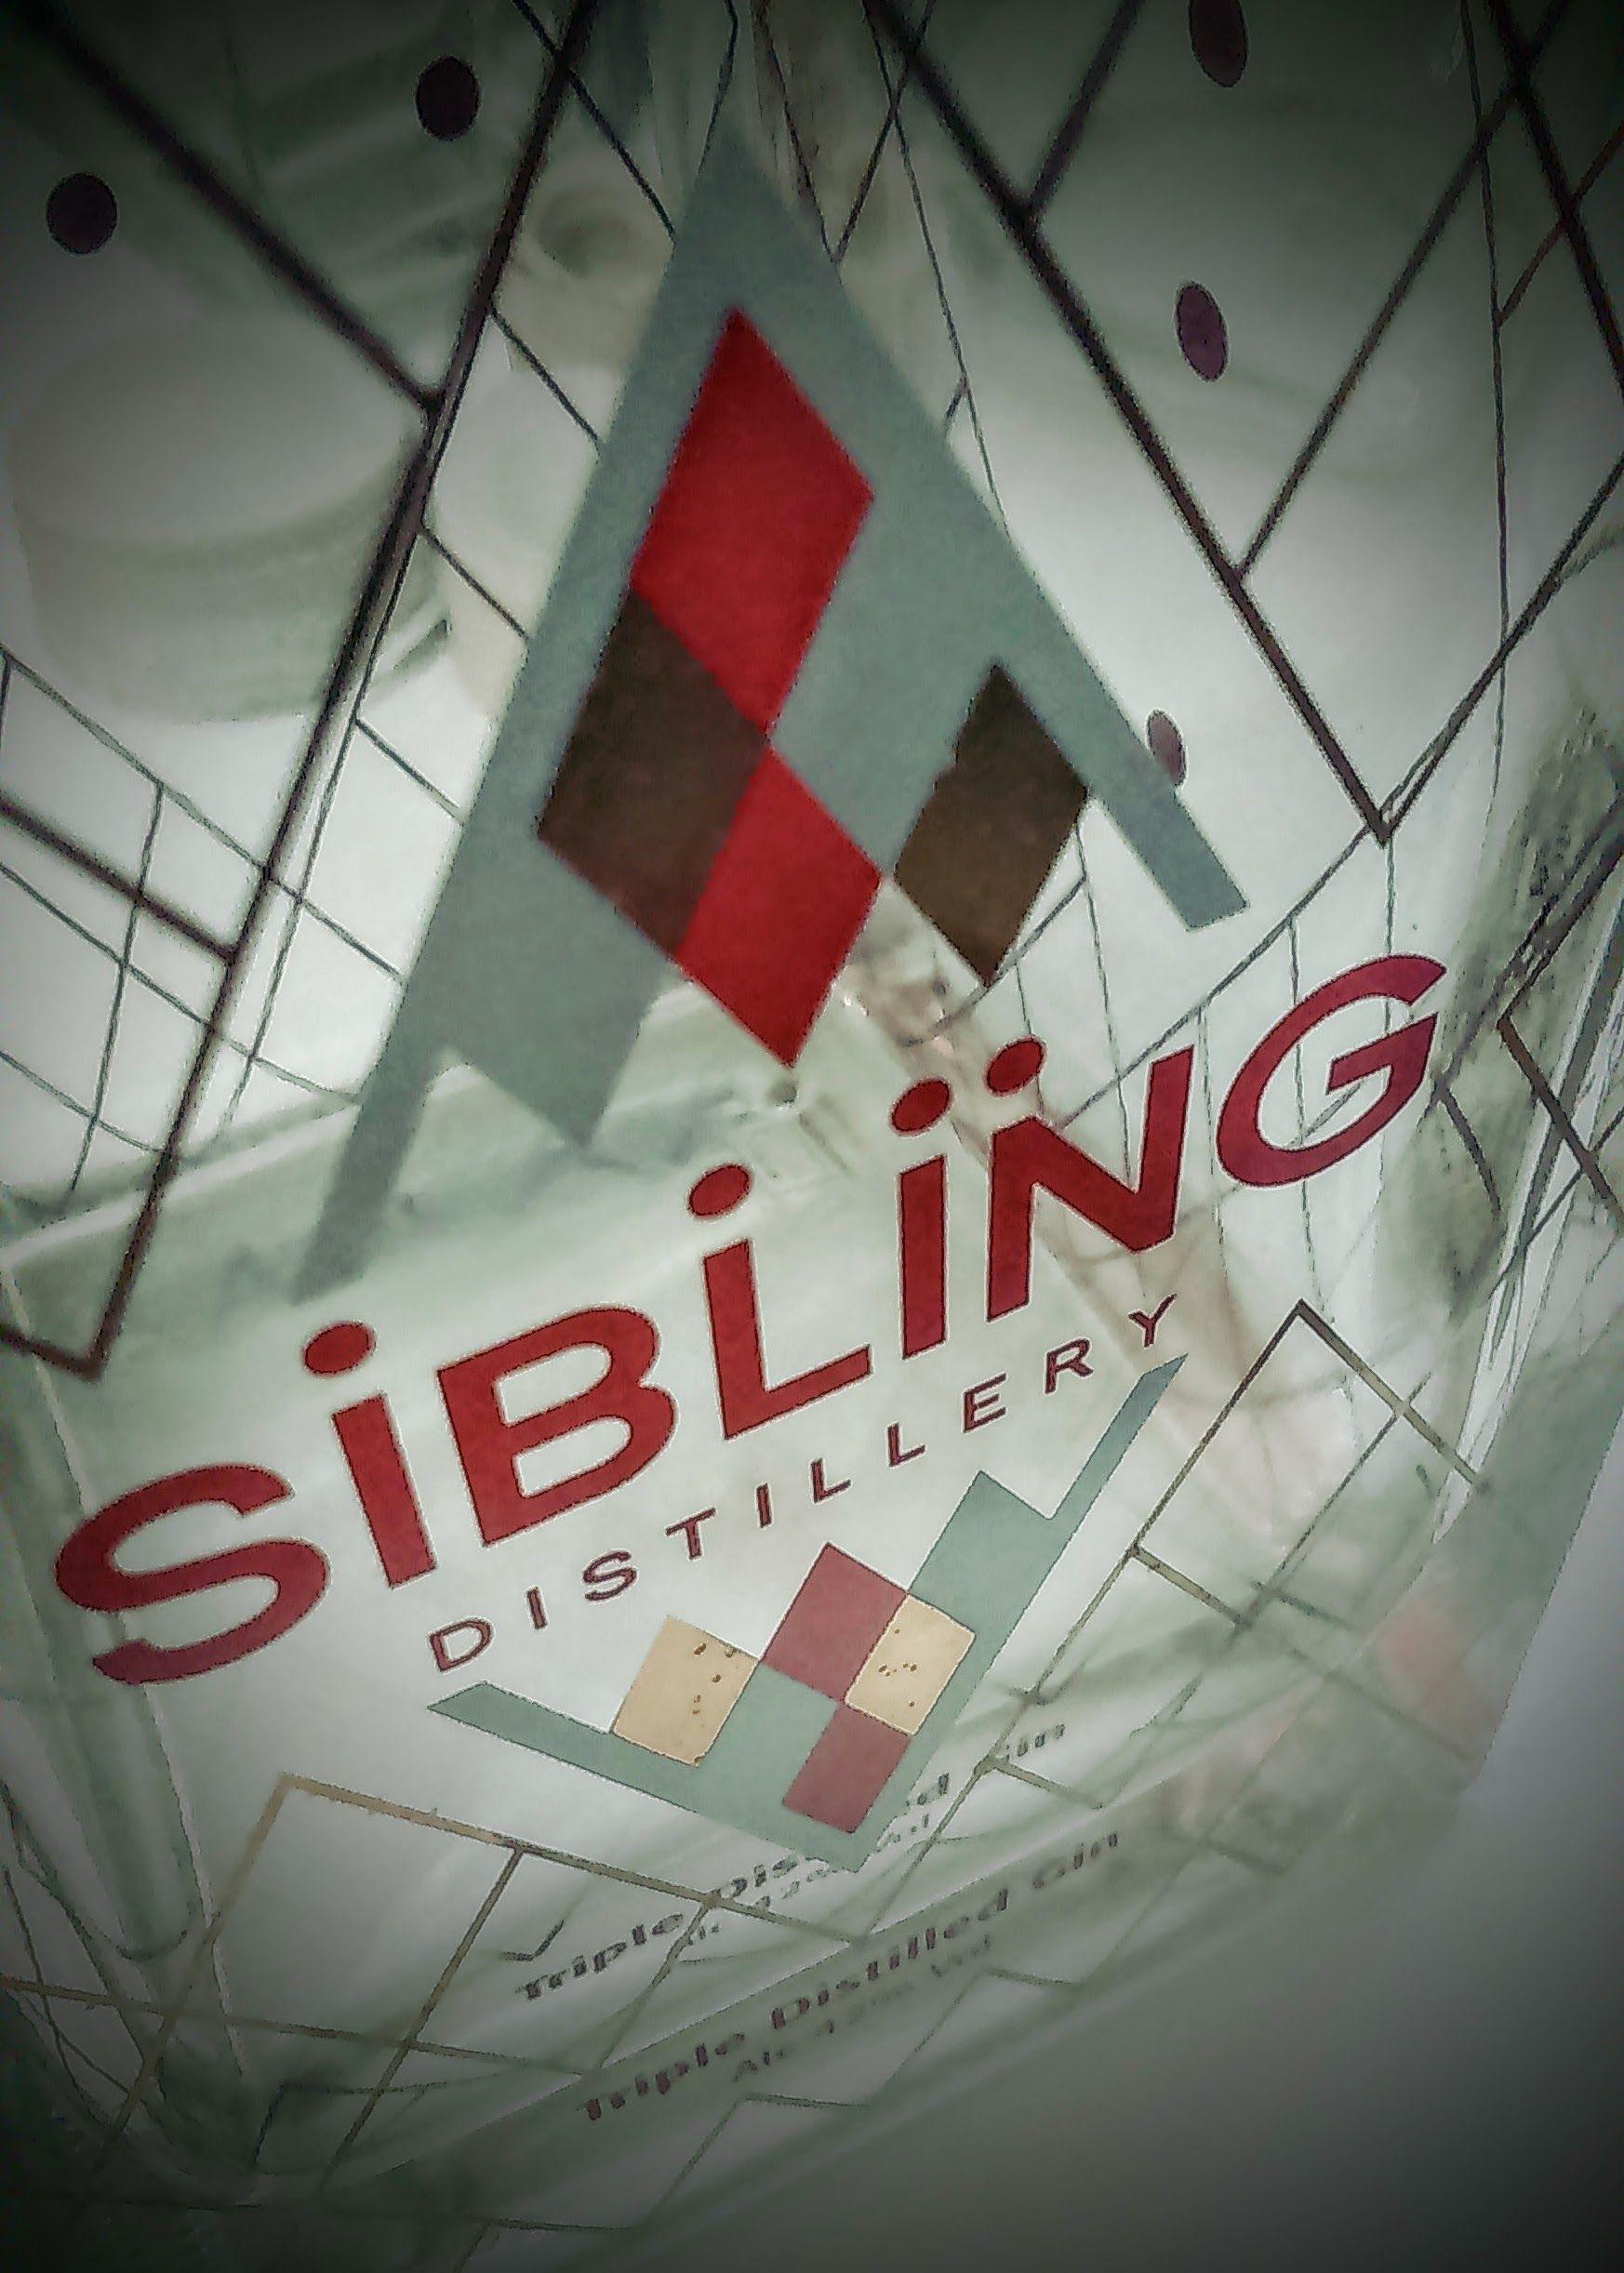 Sibling Distillery Gin Bottle